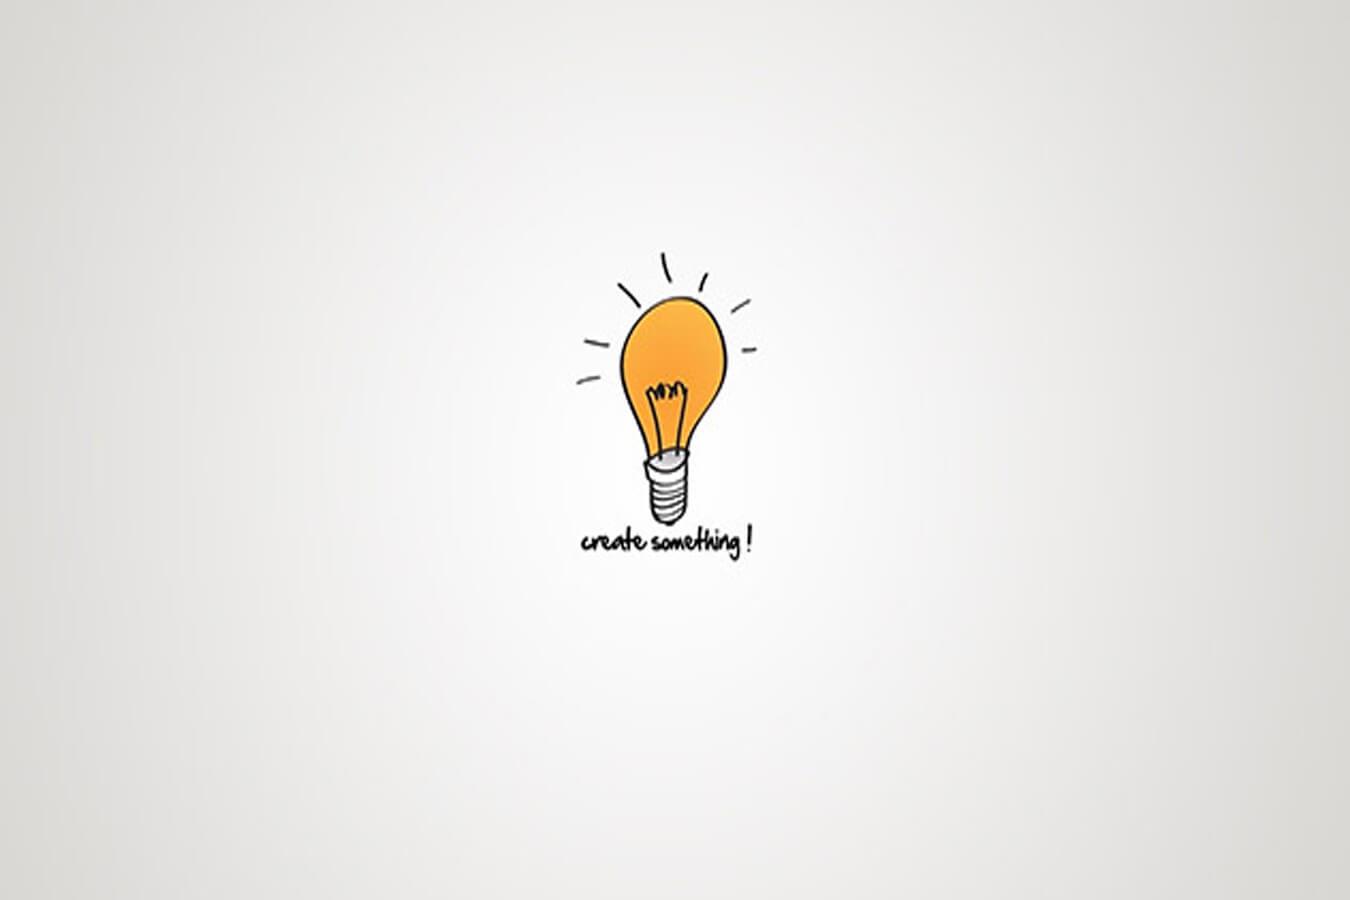 Брейнрайтинг: 108 идей за 30 минут